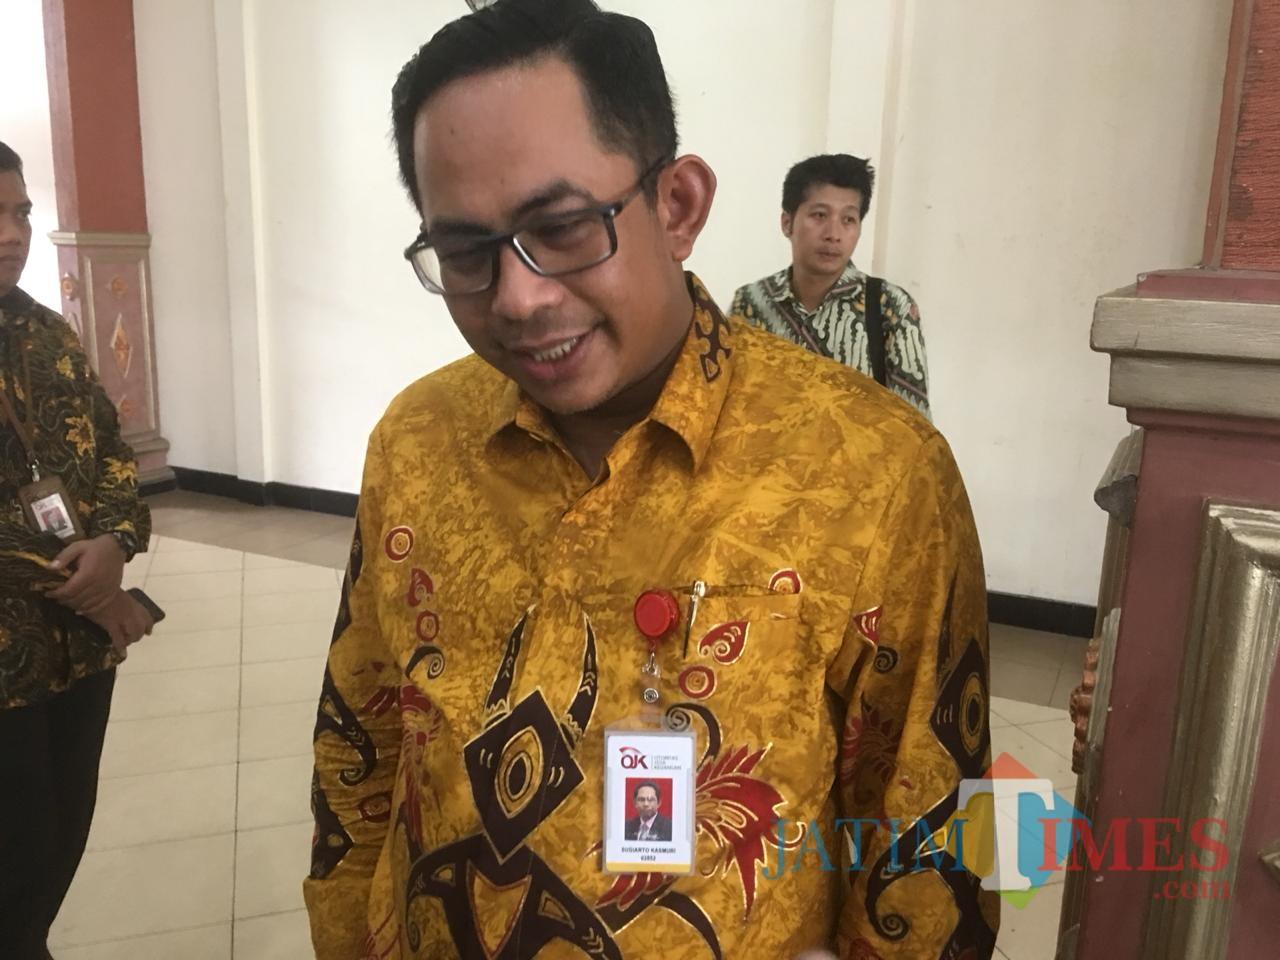 Investasi Bodong Dan Pinjaman Online Menjamur Ojk Blokir 2 000